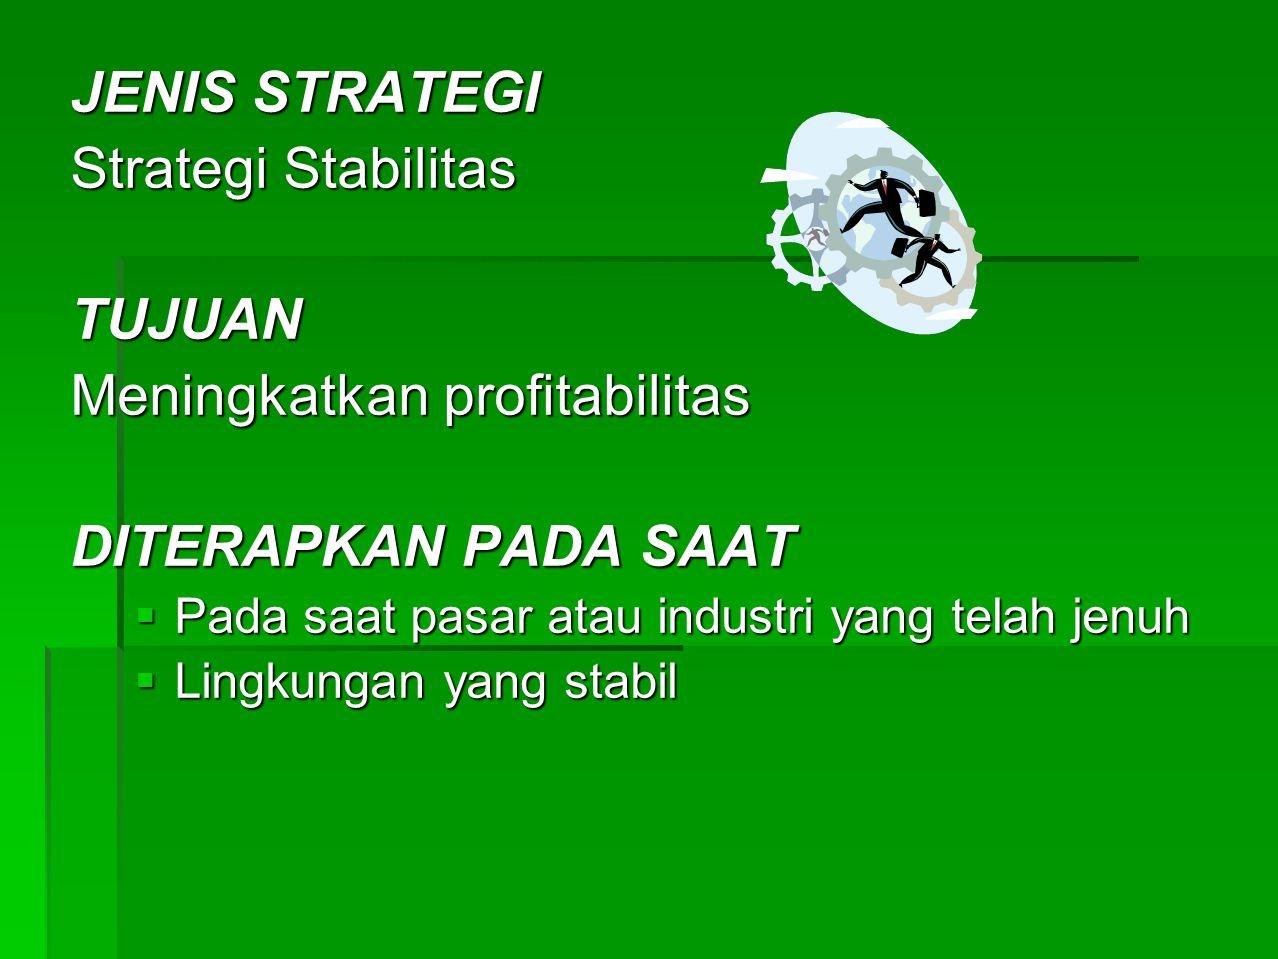 Meningkatkan profitabilitas DITERAPKAN PADA SAAT